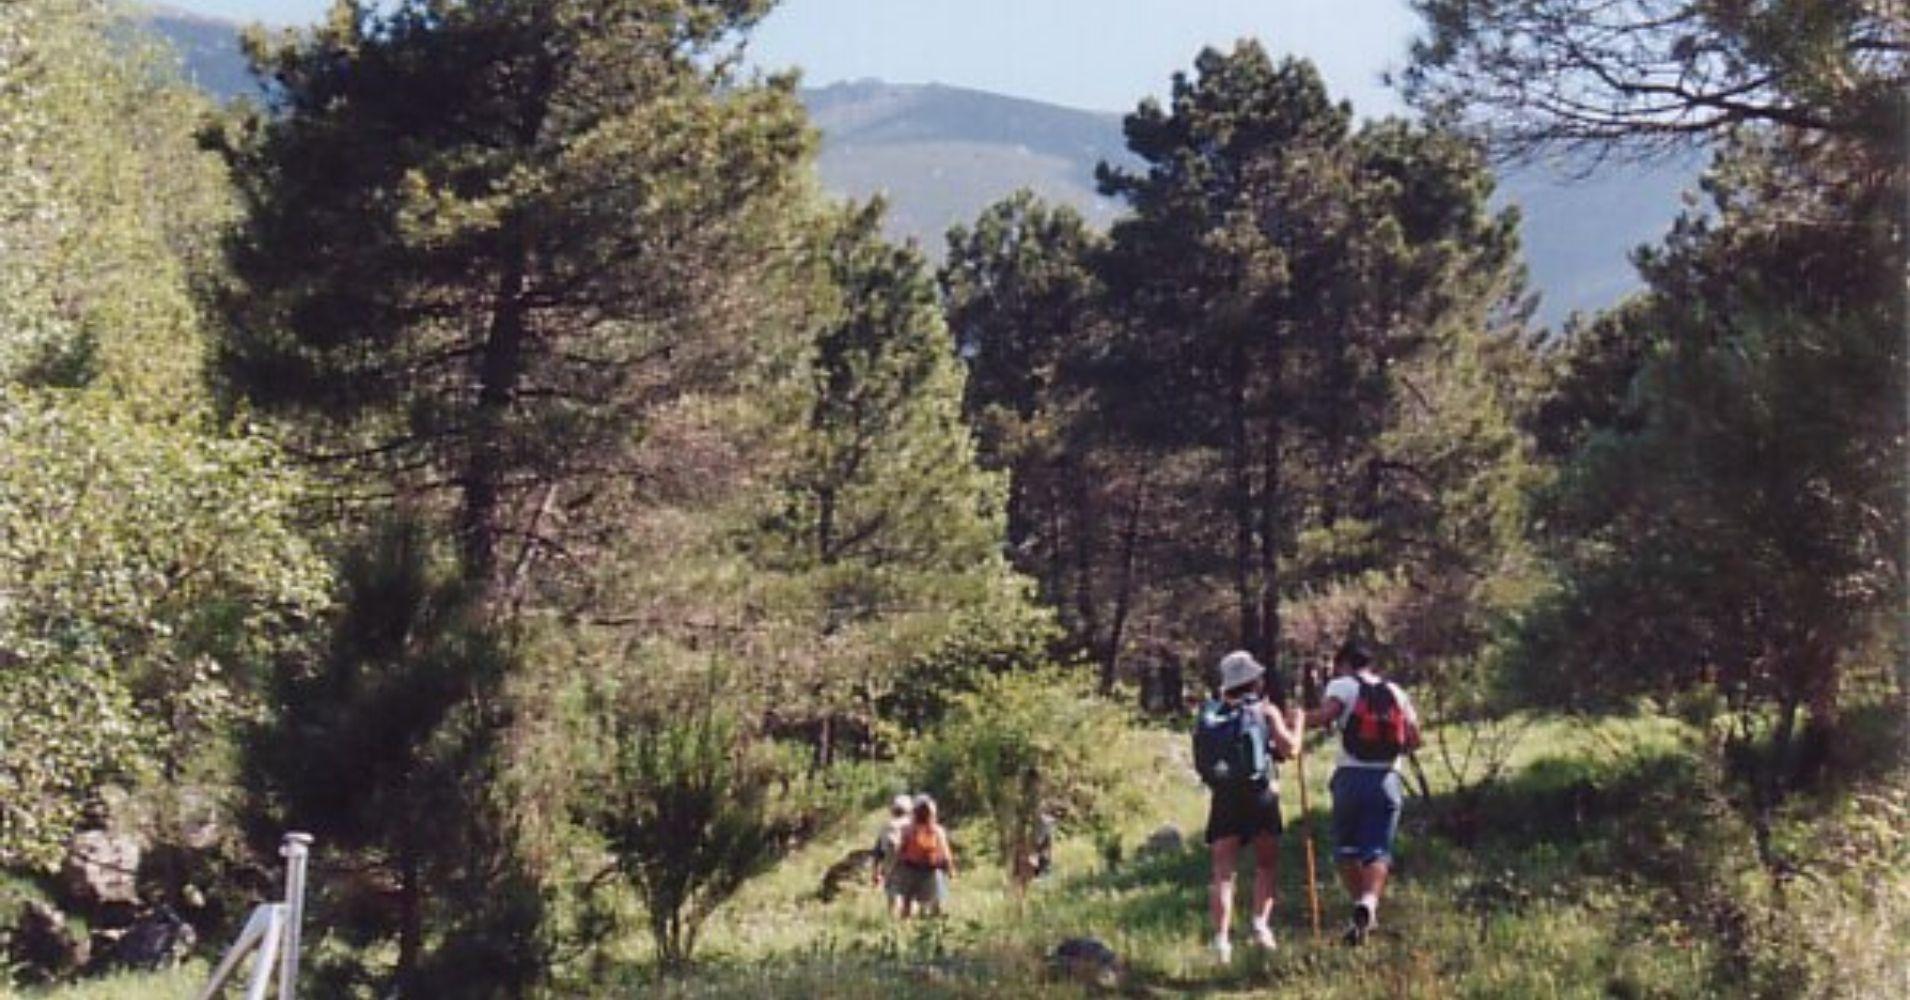 Bosques de la Adrada. Ávila. Castilla y León.